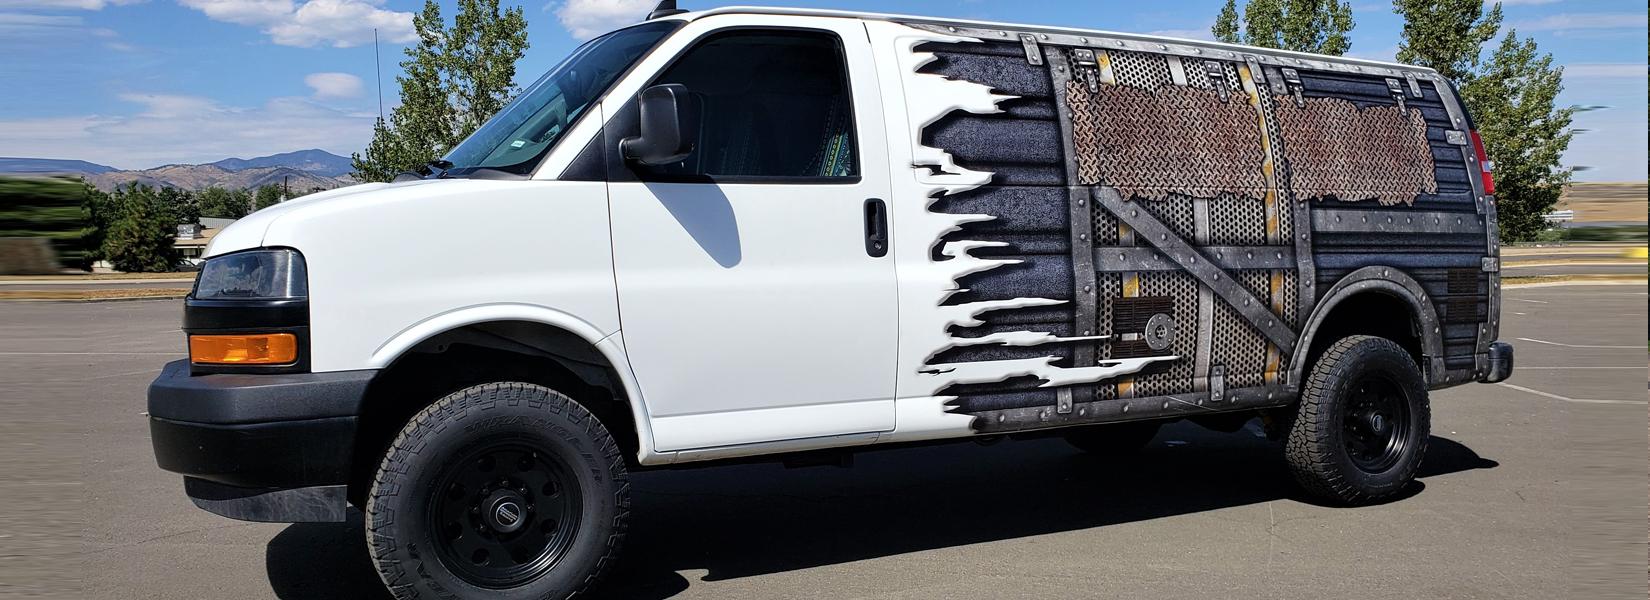 2018 V6 2500 4x4 Cargo